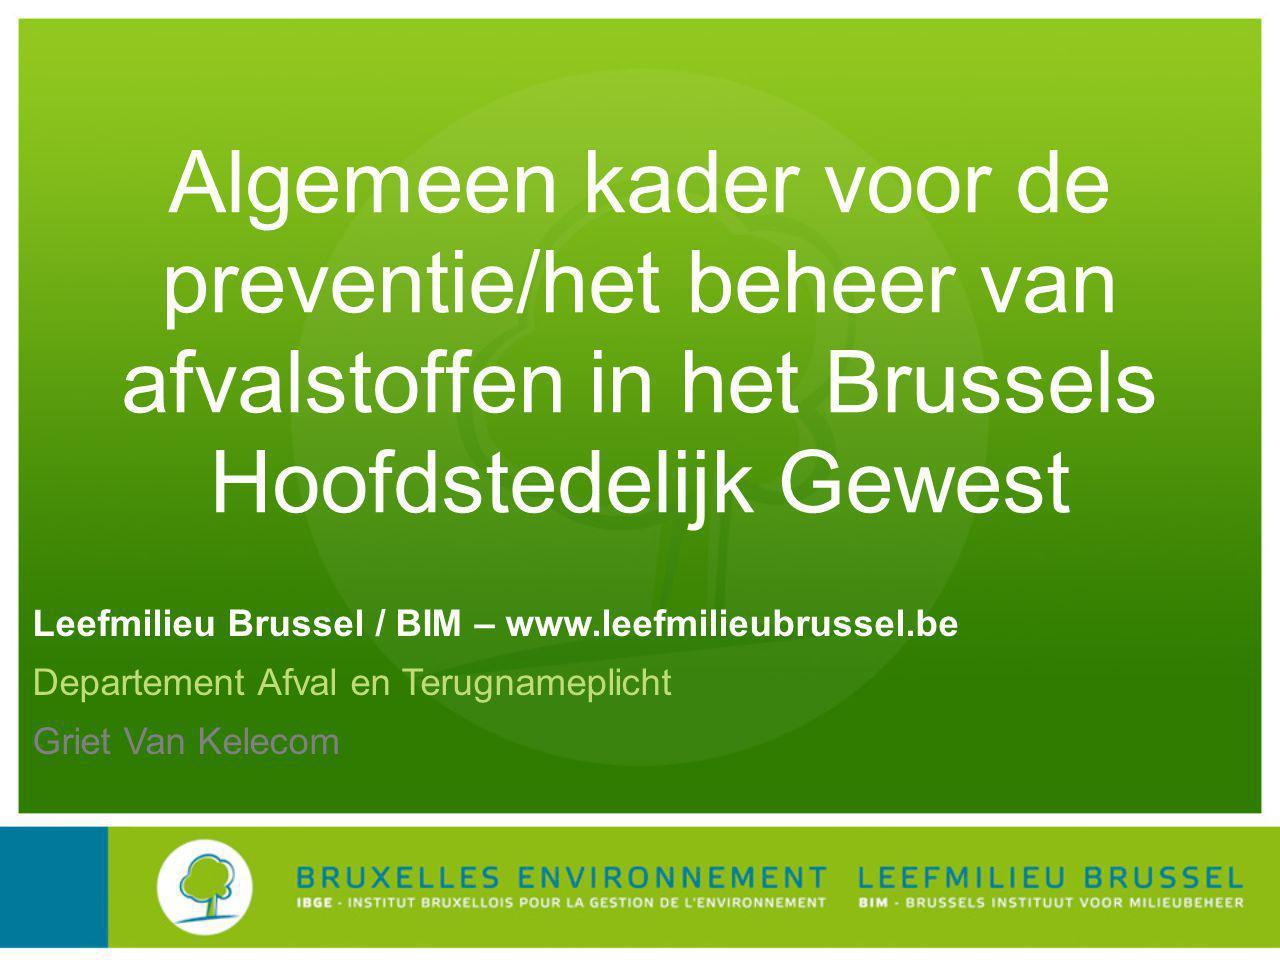 Algemeen kader voor de preventie/het beheer van afvalstoffen in het Brussels Hoofdstedelijk Gewest